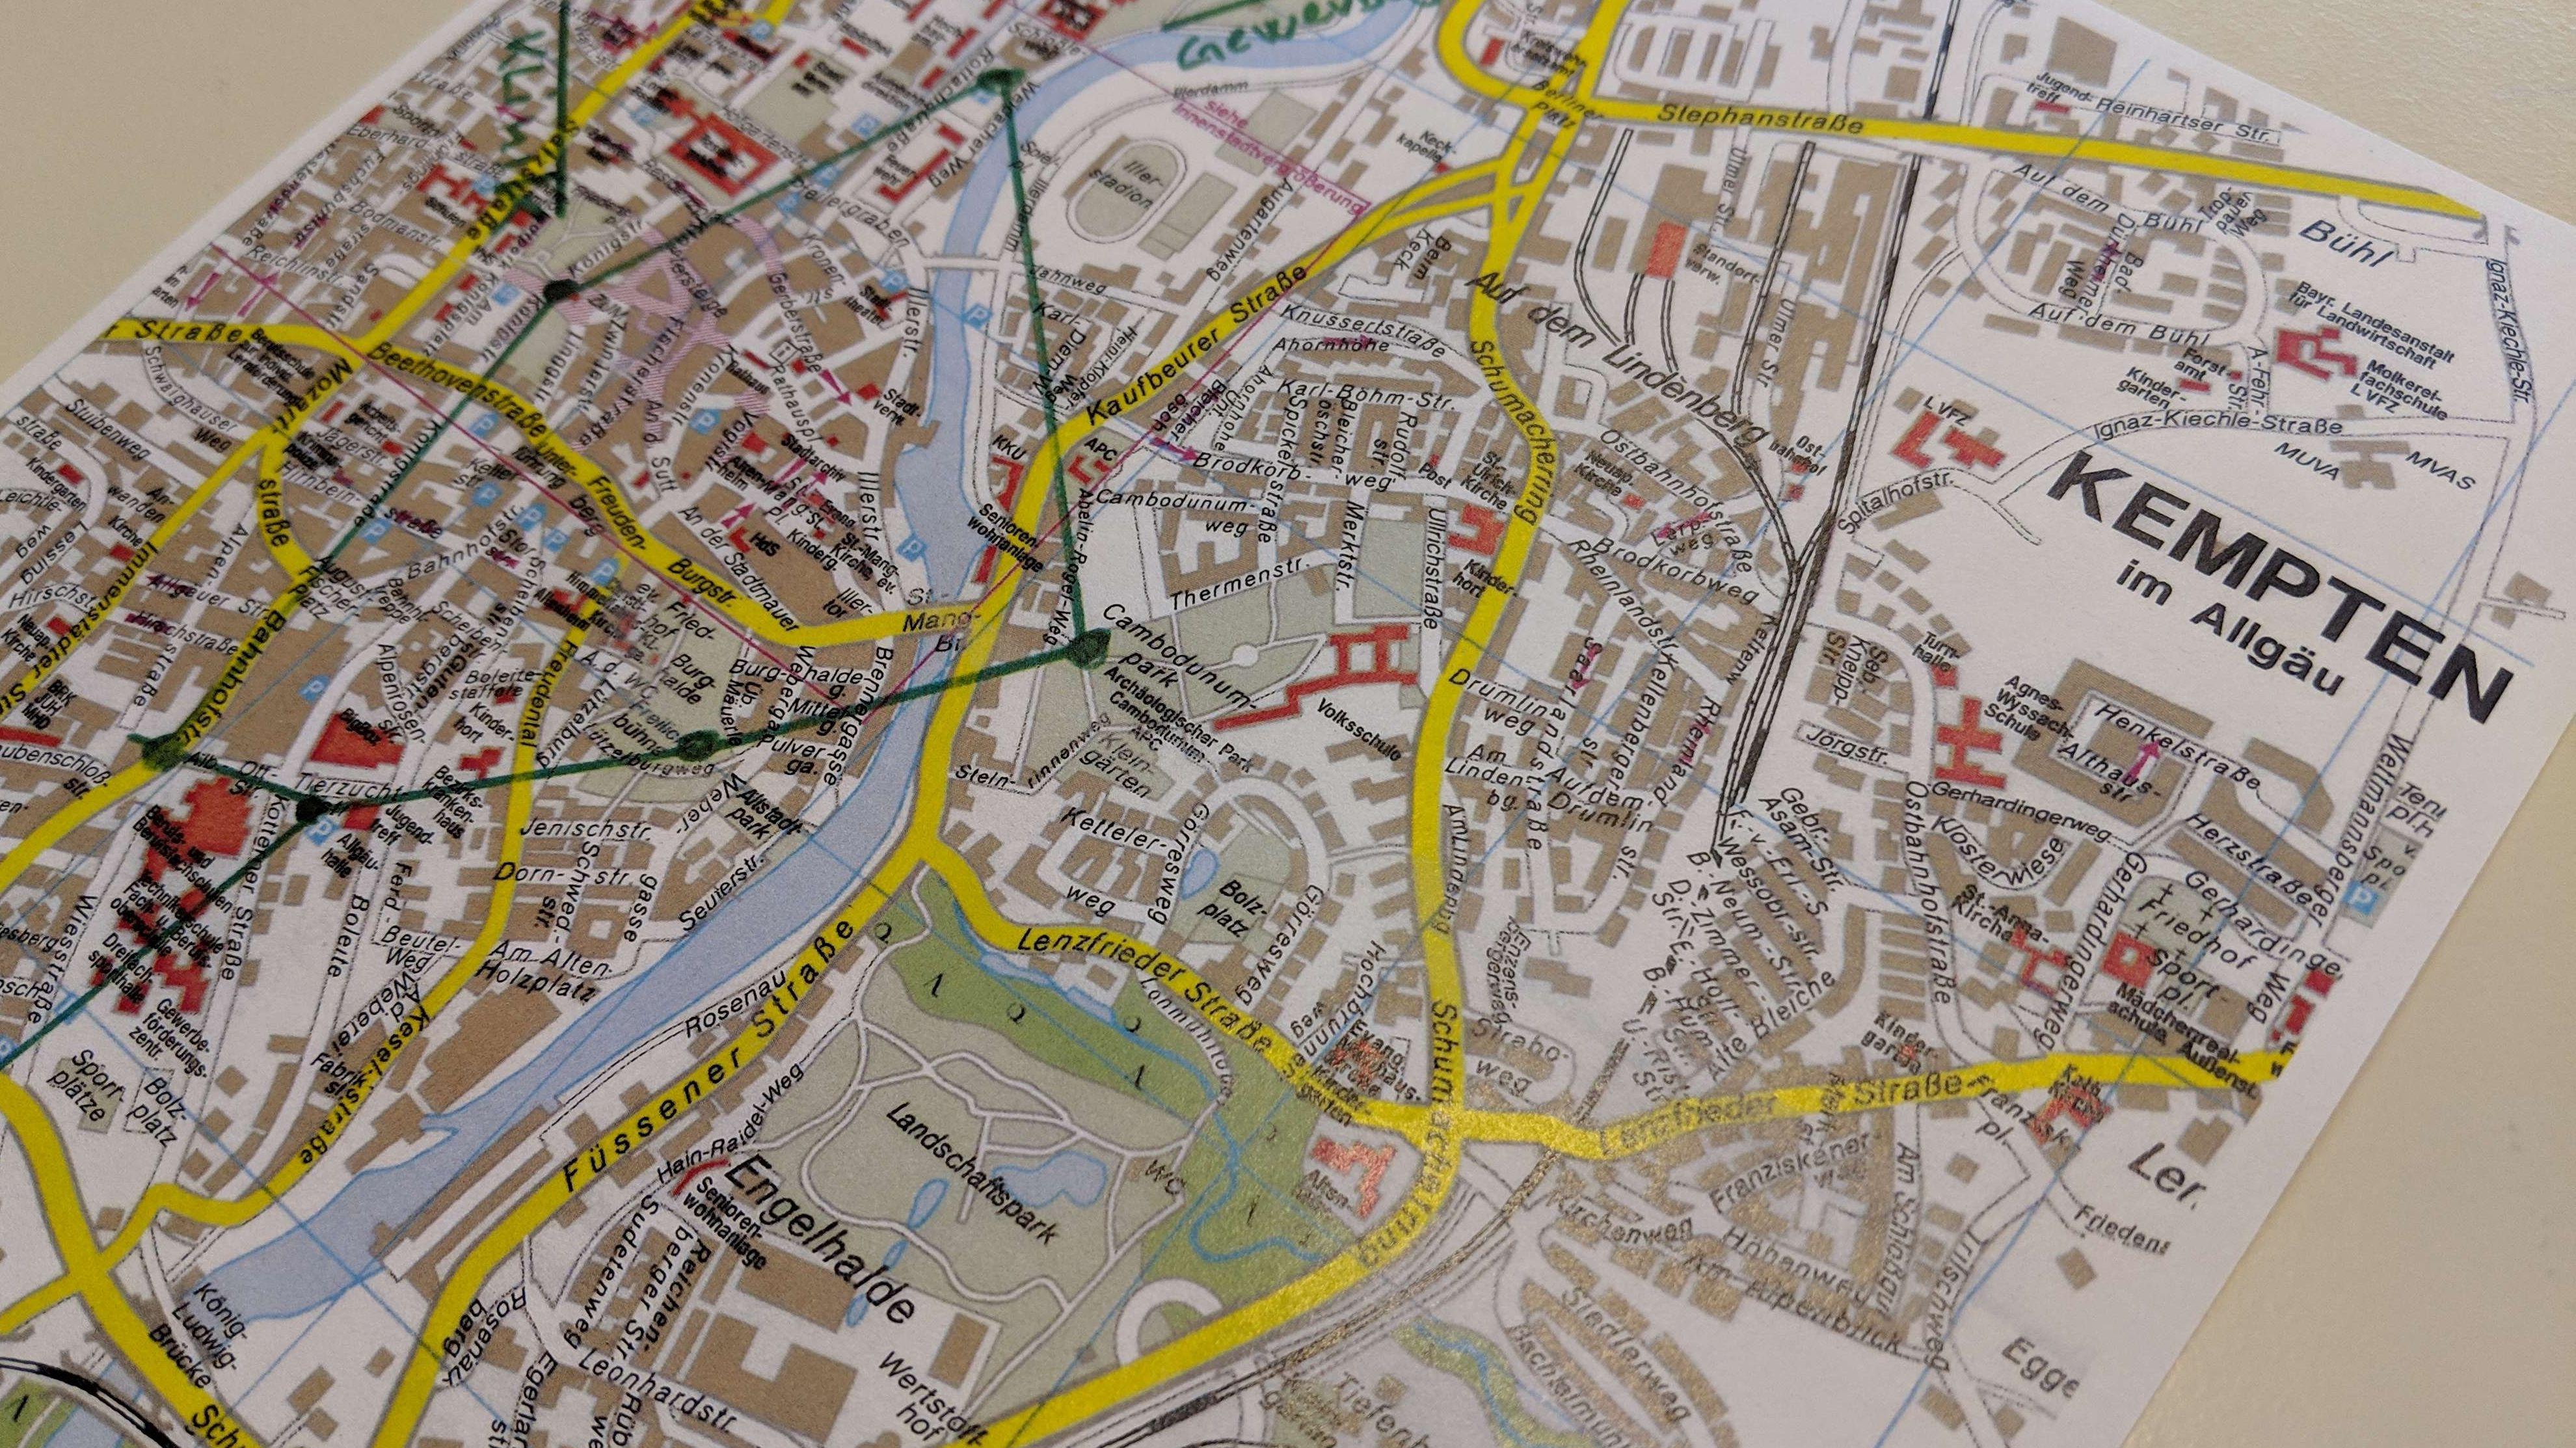 Stadtplan der Stadt Kempten